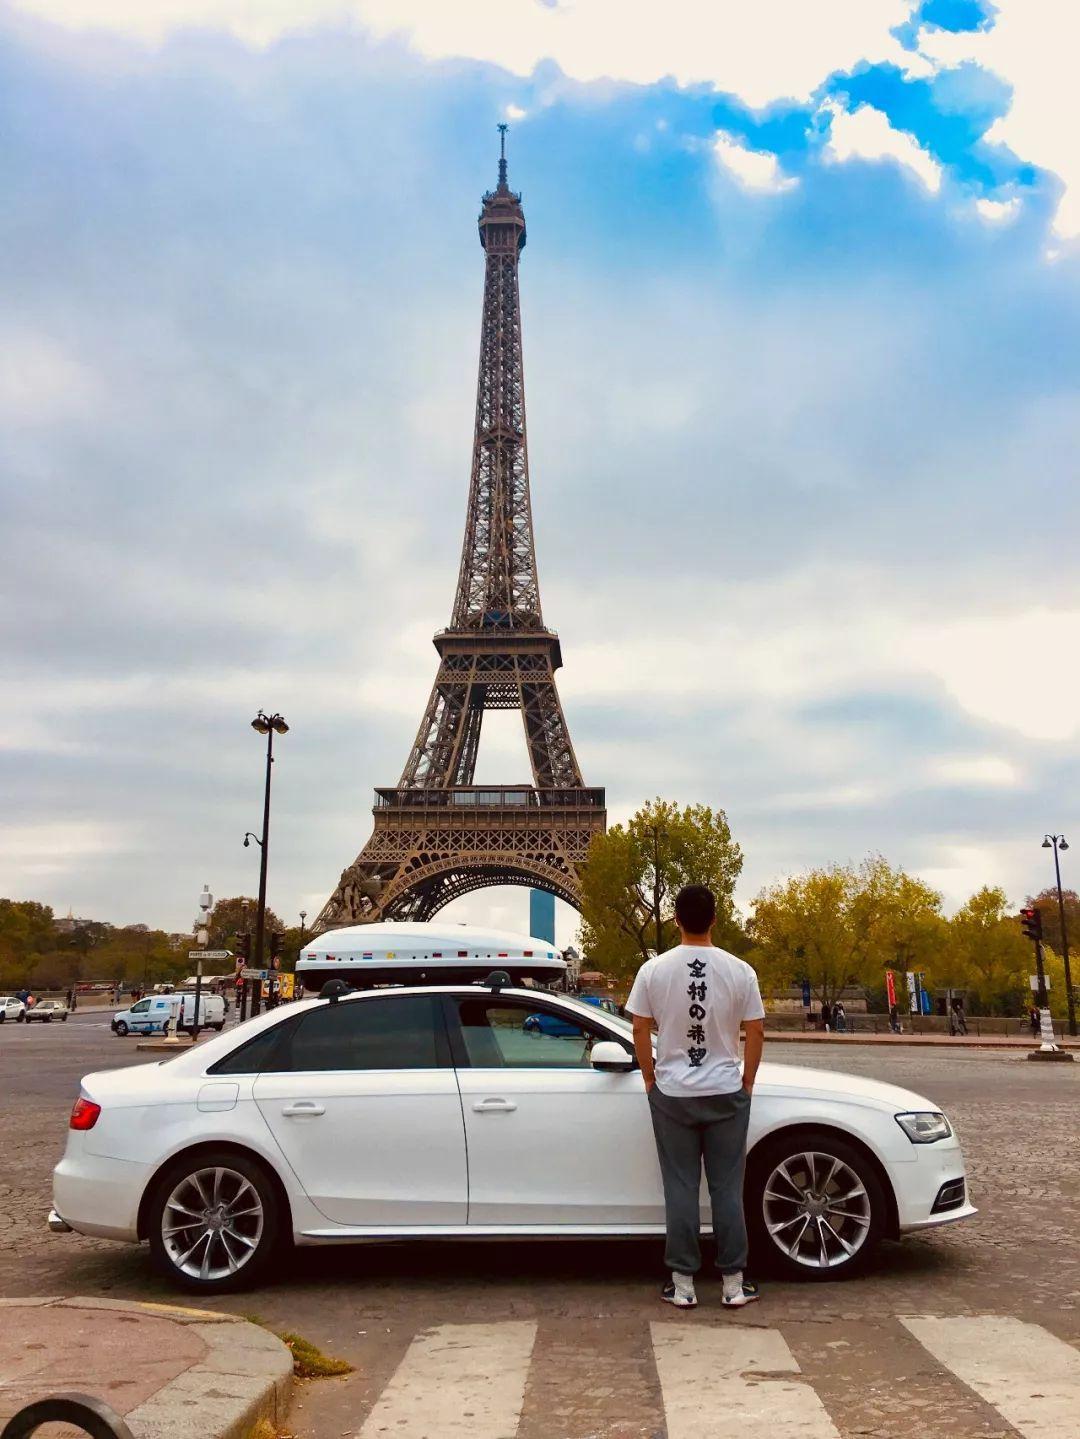 30岁宁波帅小伙耗时2个月,自驾2万多公里横穿欧亚大陆,只因一句话